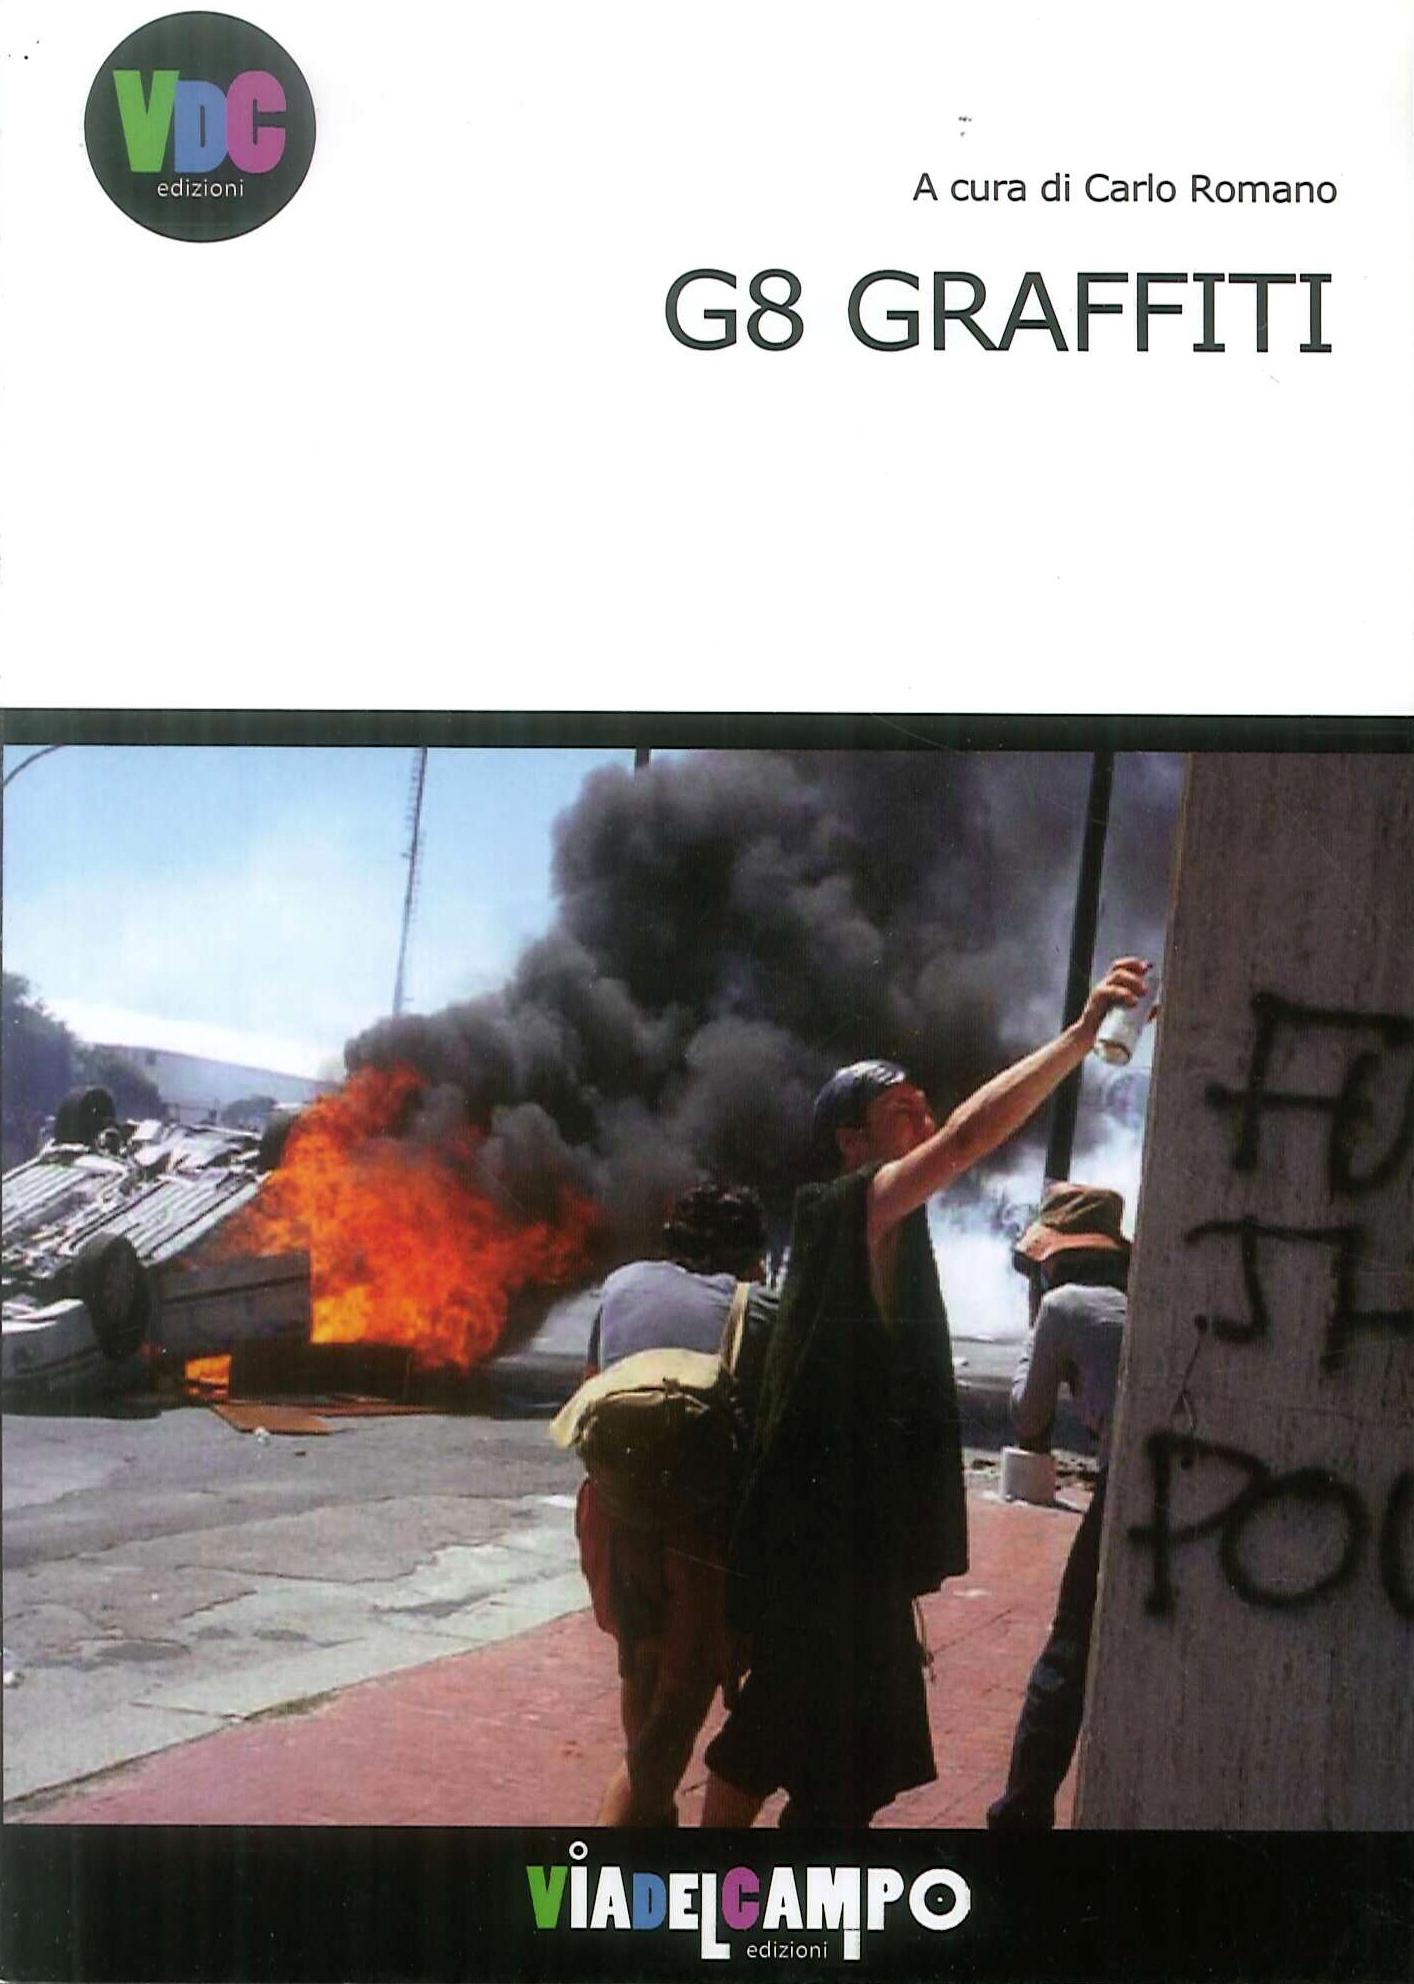 G8 Graffiti